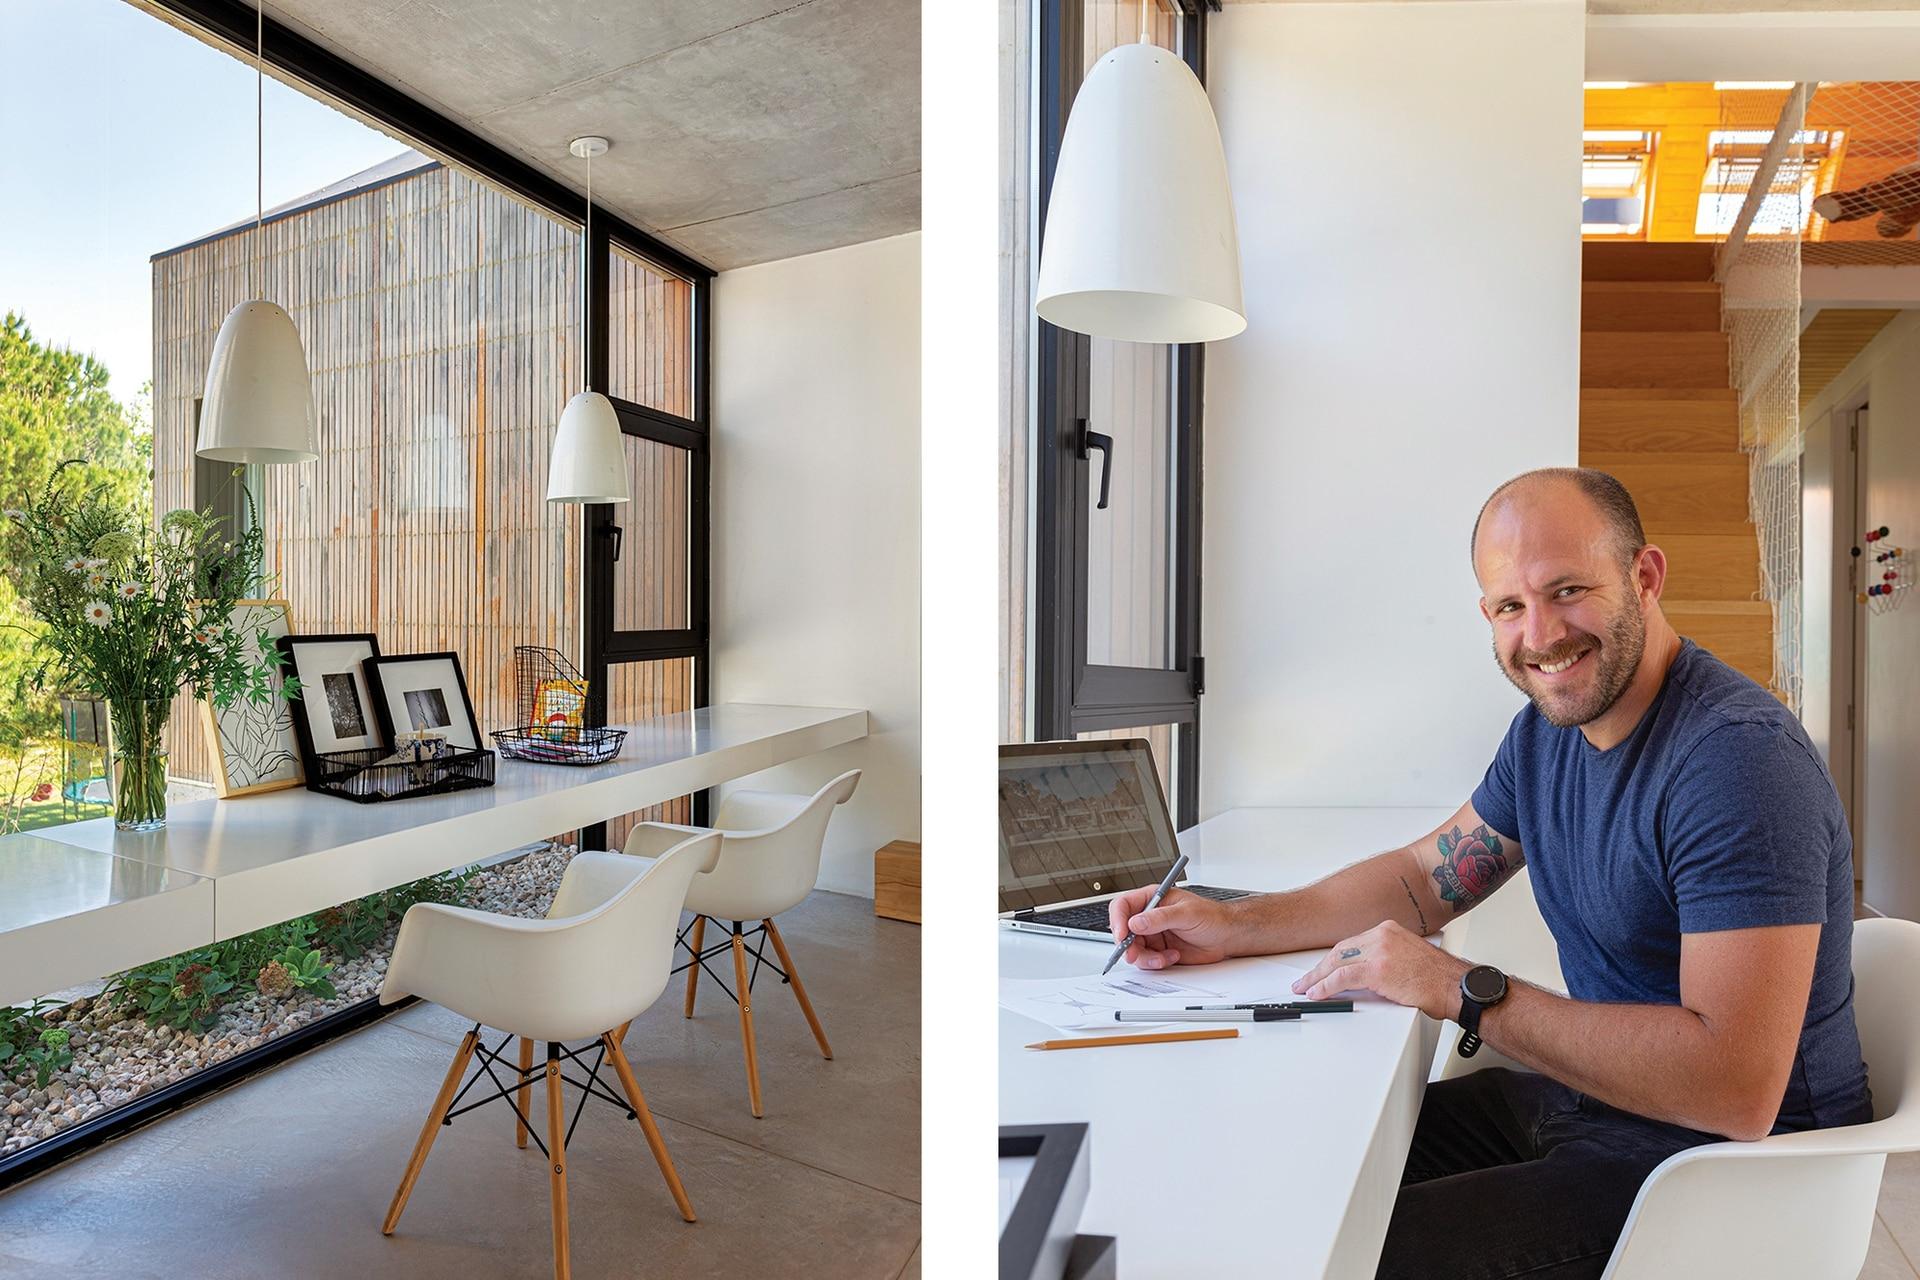 Lucas Muñoz fundó en 2017 el estudio de arquitectura LAK, luego de pasar 12 años en otra firma, desarrollando proyectos tanto comerciales como de viviendas. Hoy, se dedica por completo al diseño y construcción de casas, en las que explora la convivencia de distintos materiales.